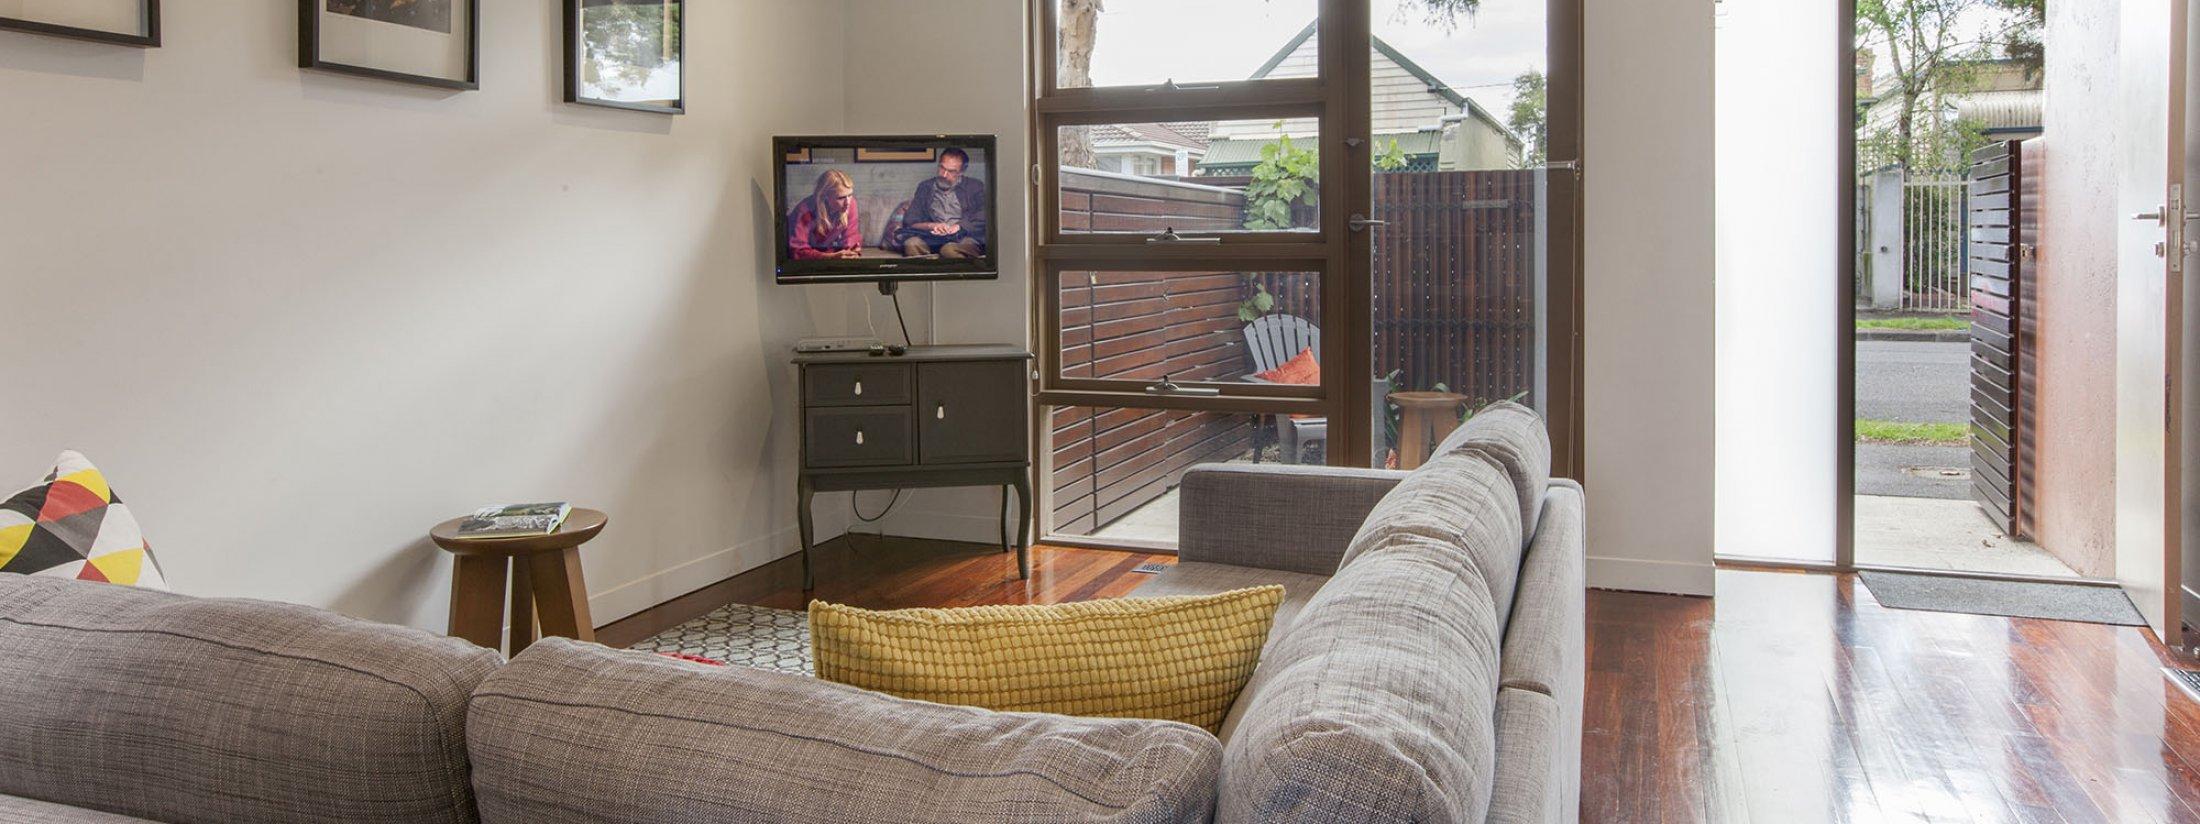 Somerset Terrace - Richmond - Living Area d